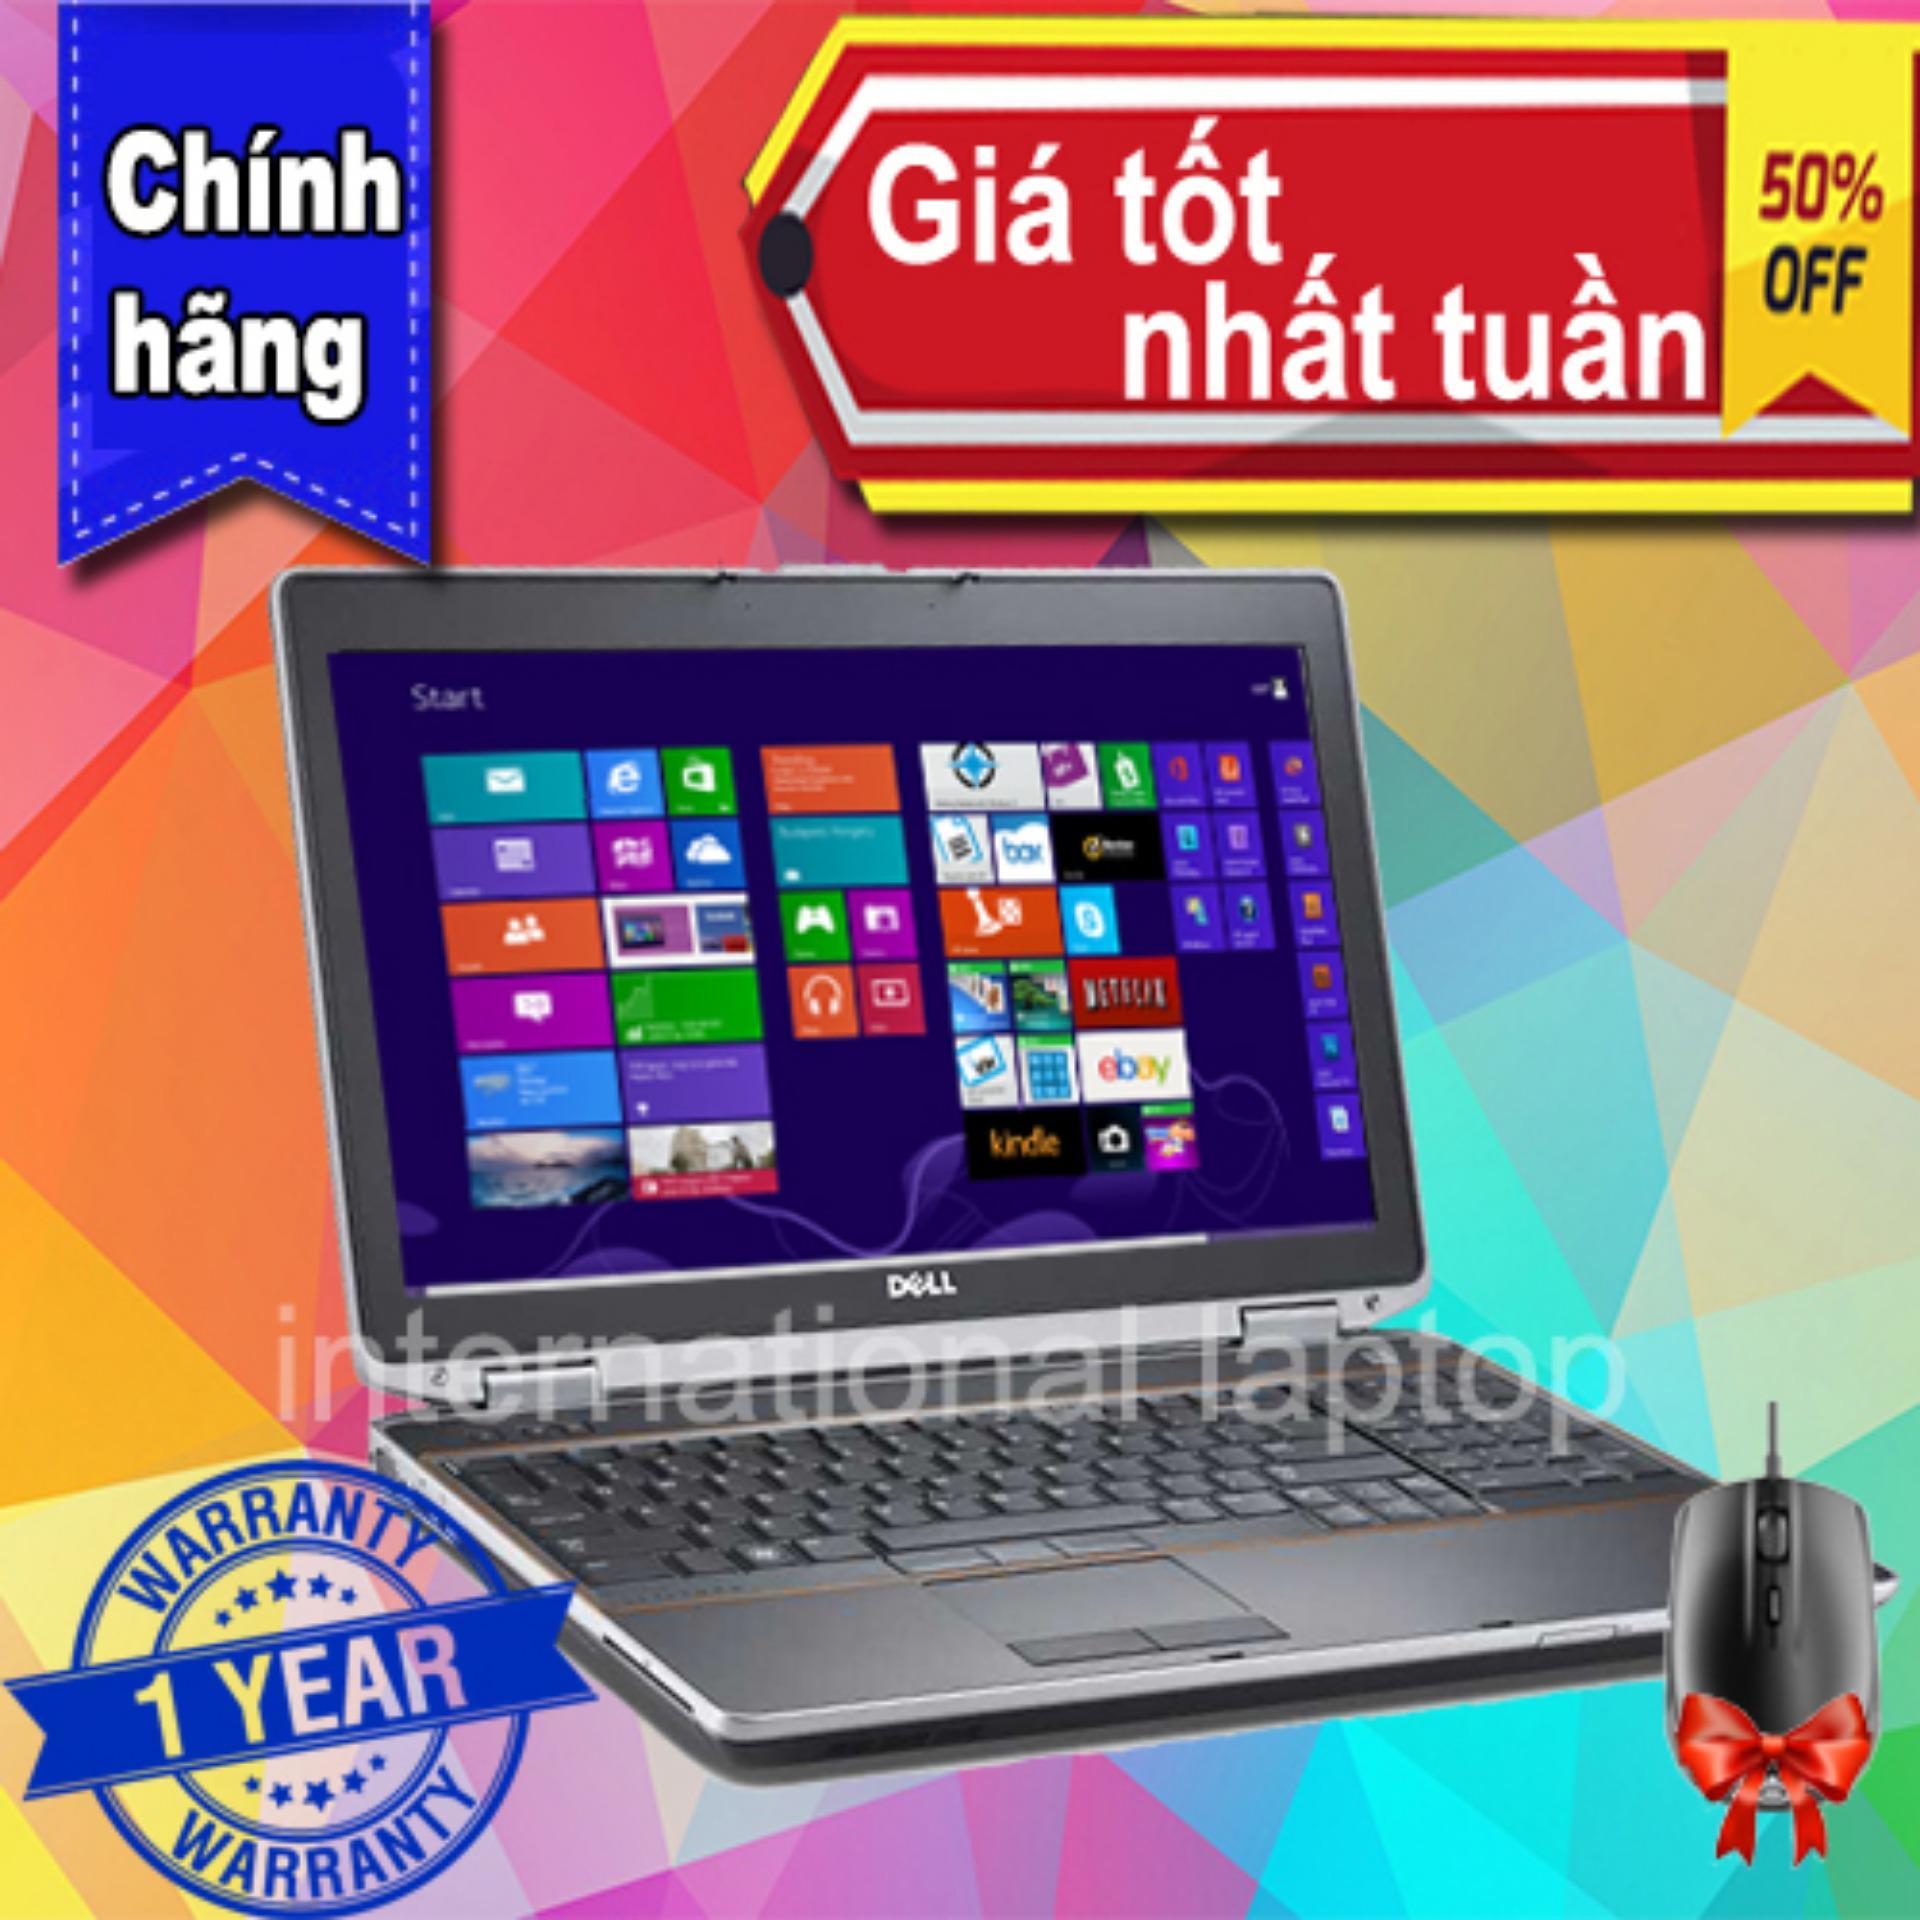 Mua Laptop Dell Latitude E6520 I5 8Gb 1Tb Hang Nhập Khẩu Trực Tuyến Hồ Chí Minh